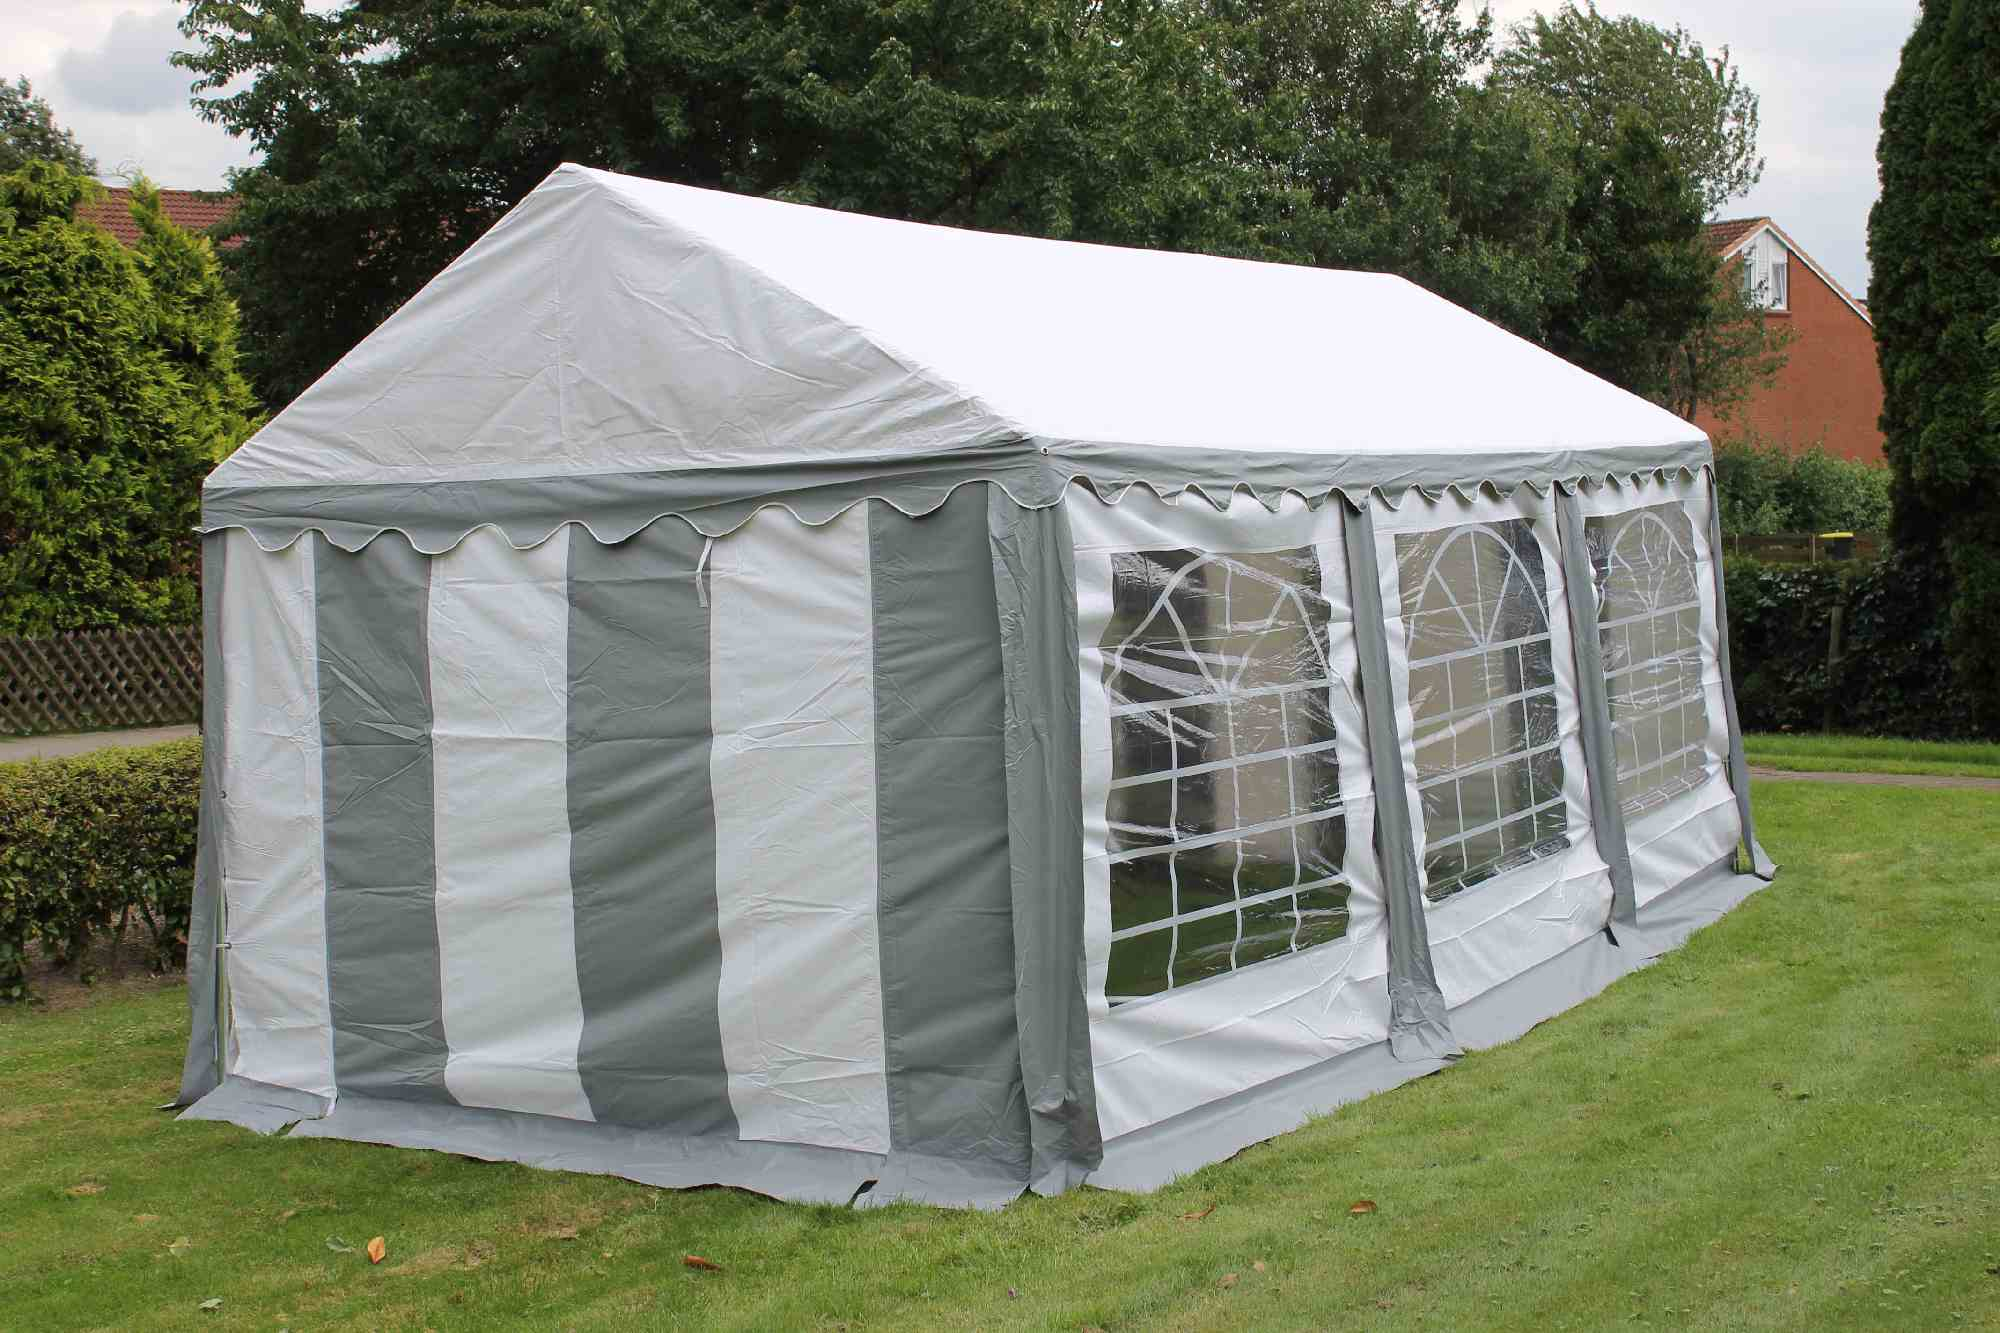 pavillon shelter zelt gartenzelt 3 3 m gartenpavillon. Black Bedroom Furniture Sets. Home Design Ideas